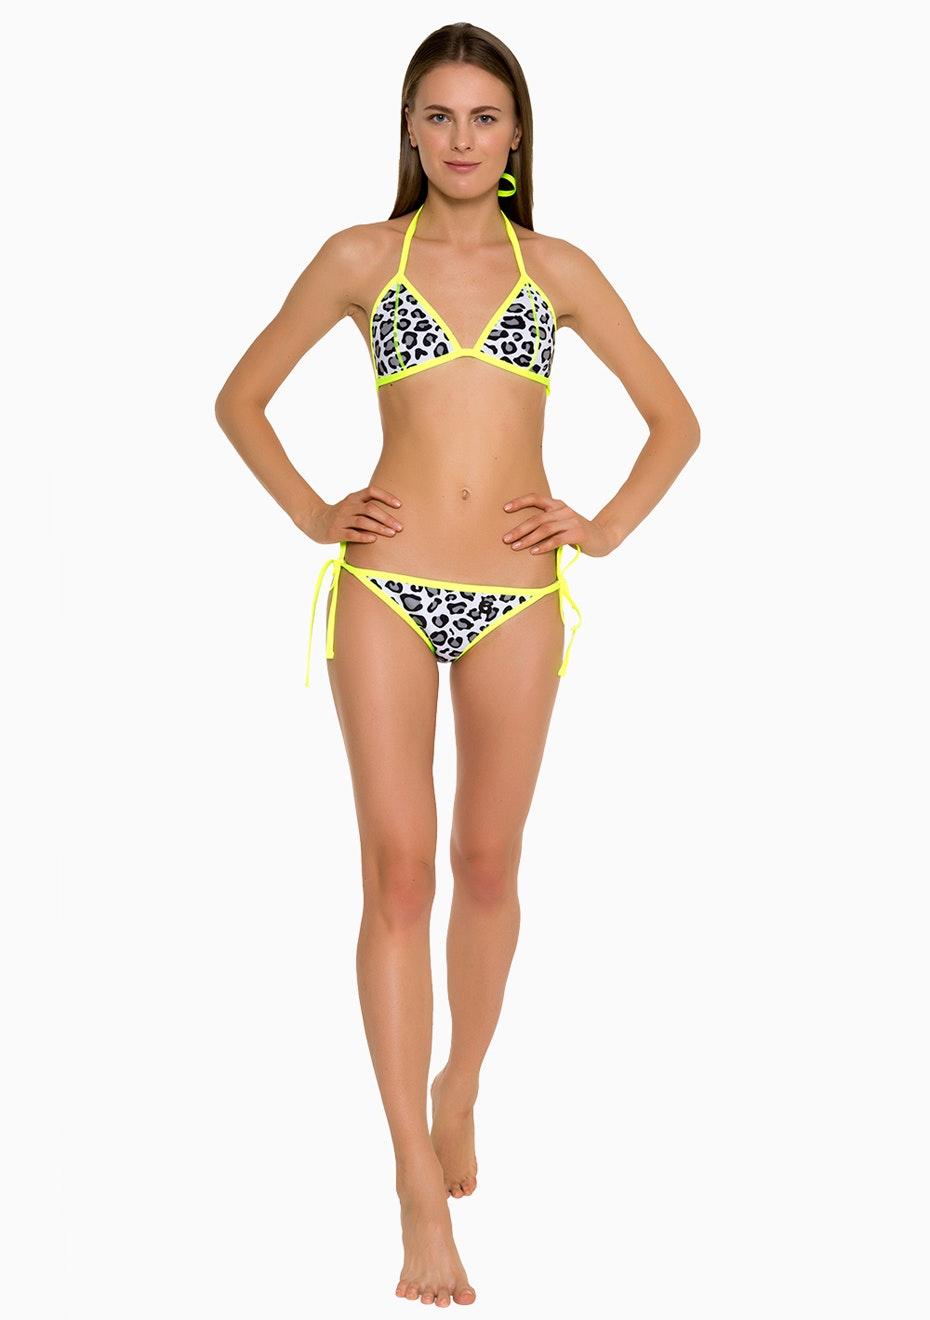 Glide Soul - Bikini Bottom 0.5 mm - Leopard/ Lemon